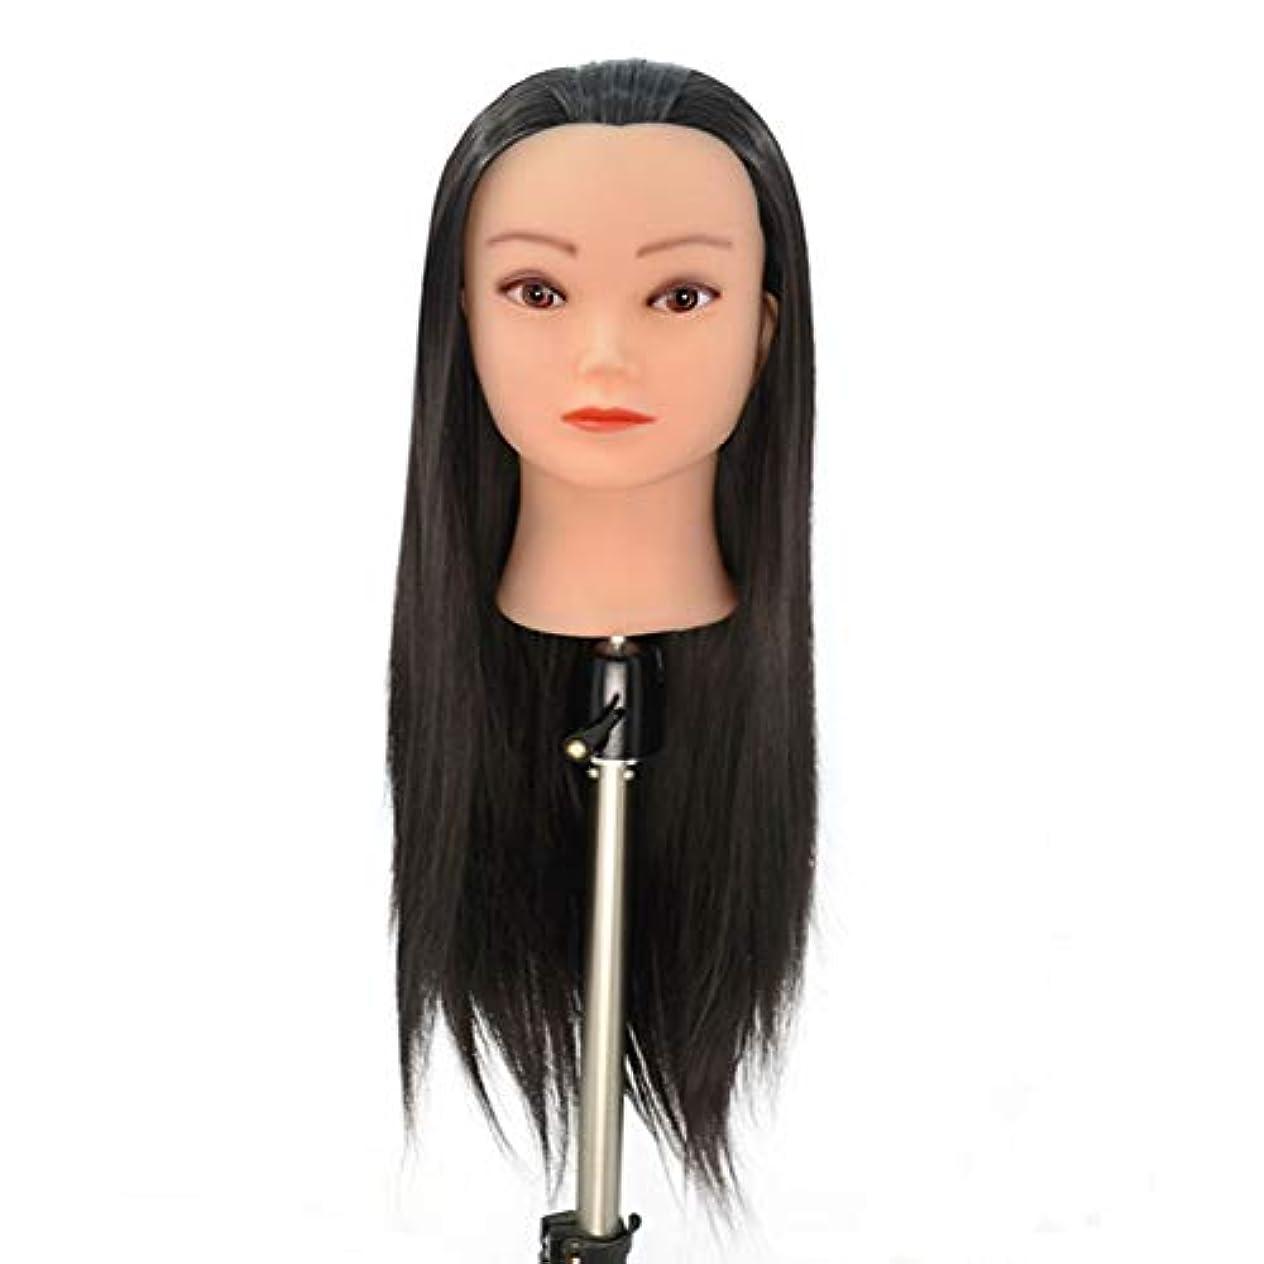 便利テープ染色は、花嫁の髪編組ひも学習ヘッドモデル理髪モデルヘッド理髪サロン散髪ダミー練習ヘッド